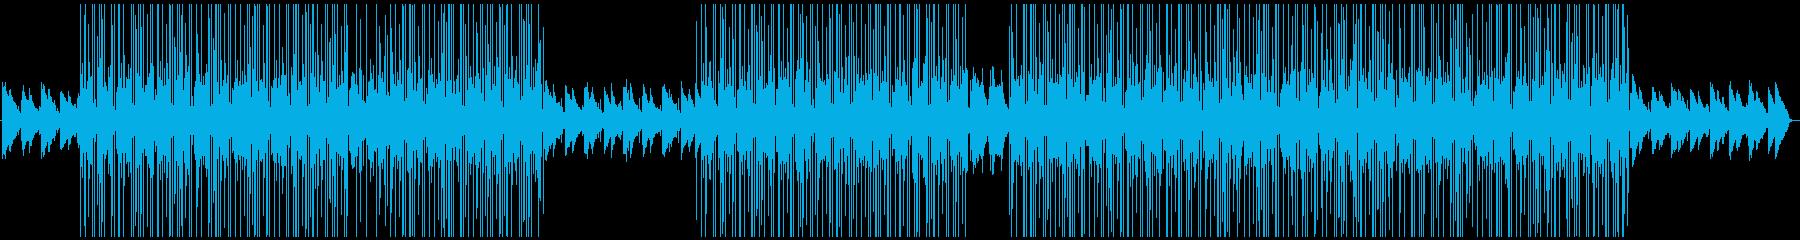 感動シーン・ドキュメンタリー映像向けの再生済みの波形